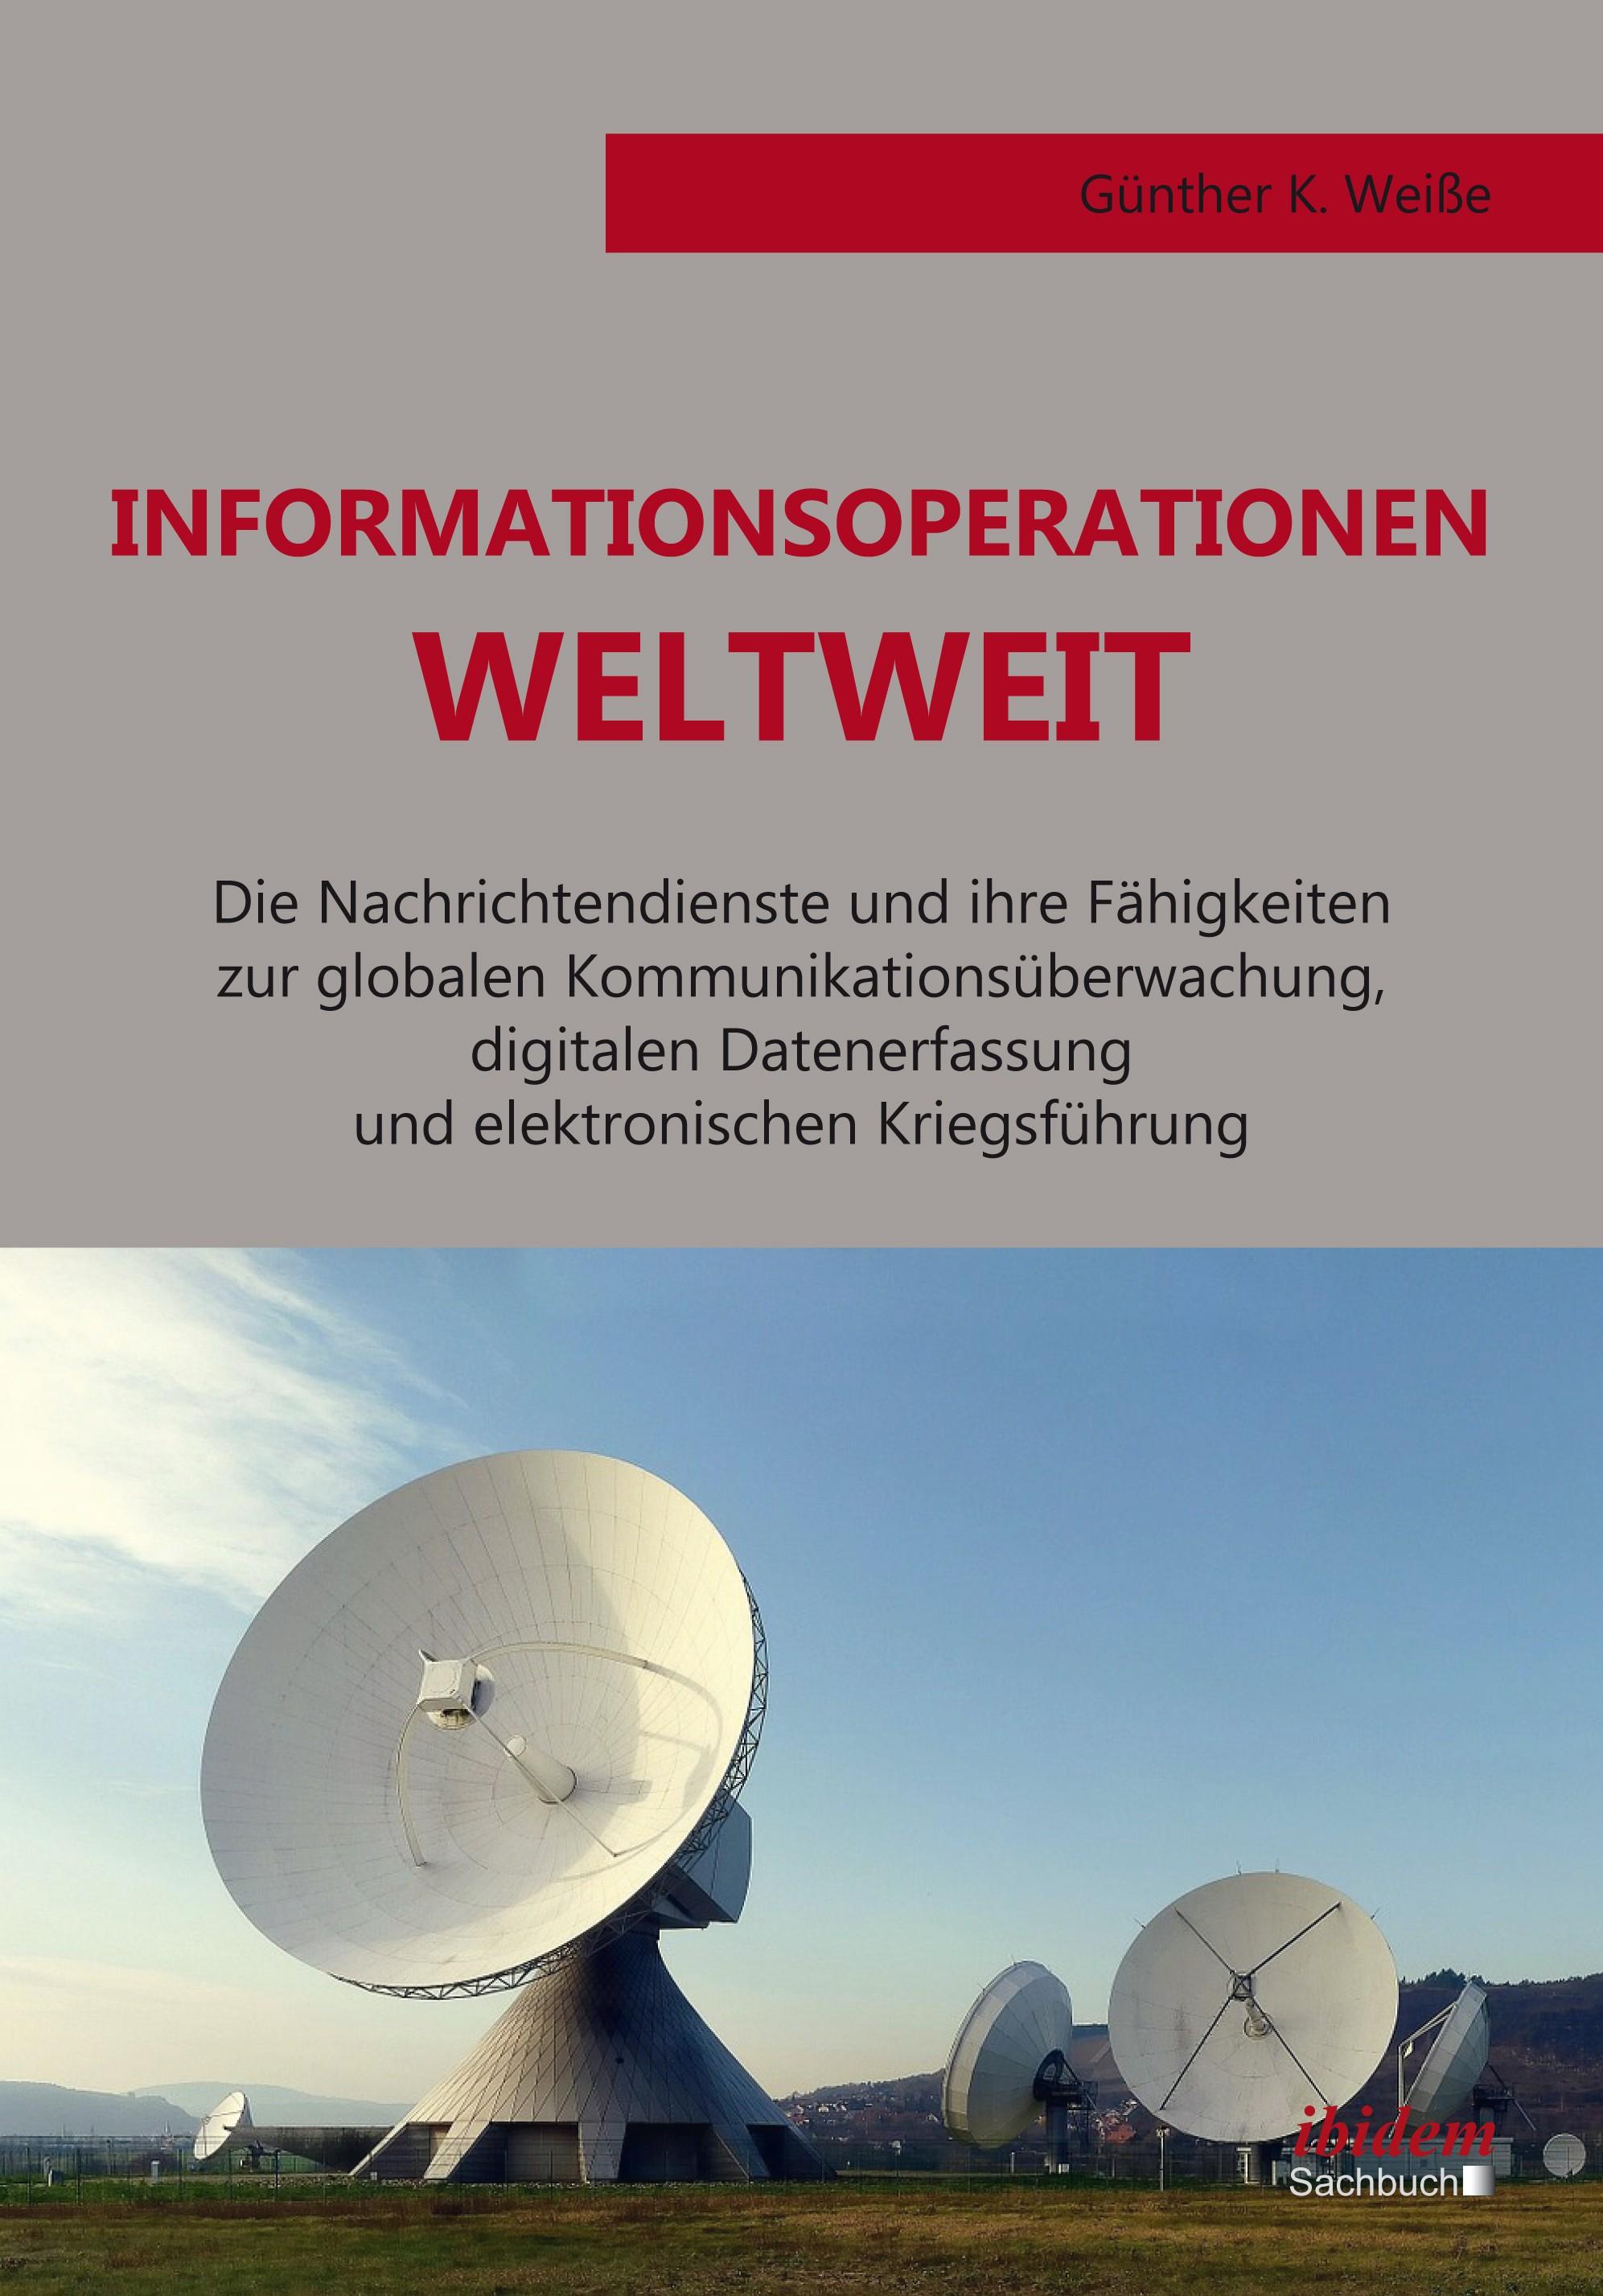 Informationsoperationen weltweit